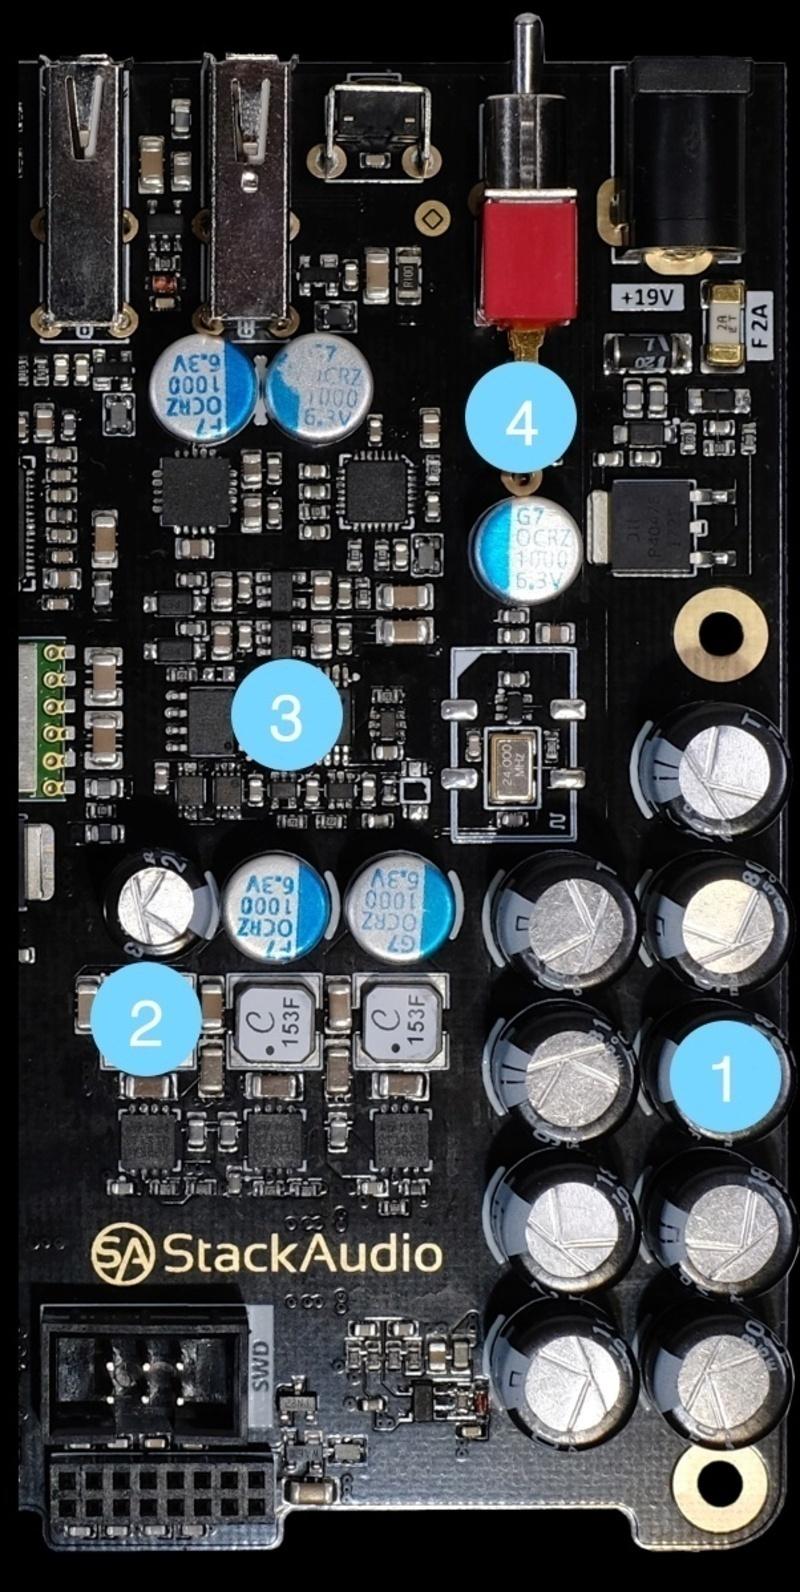 Stack Audio Link: Bộ nguồn phát nhỏ gọn và toàn diện dành cho nhạc số